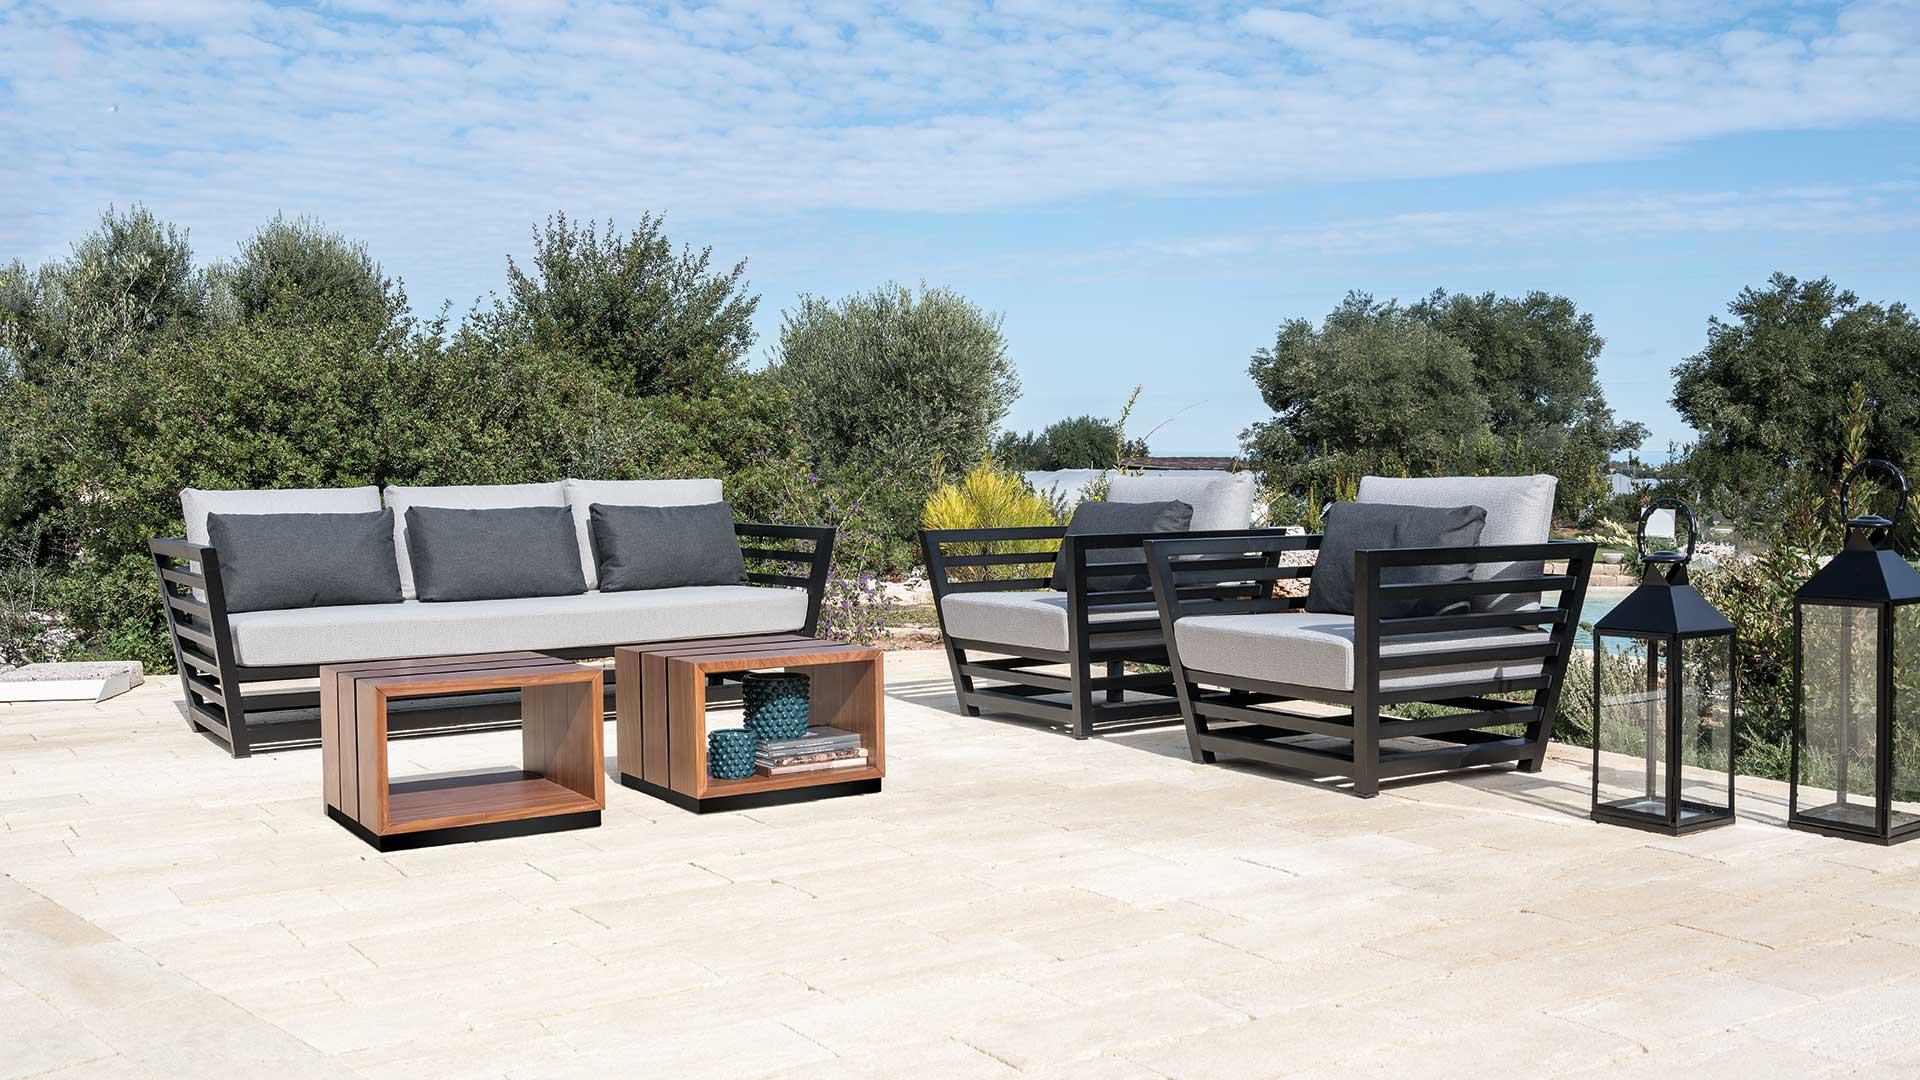 Arredo giardino moderno tendenze per l 39 arredamento for Mobili da arredo